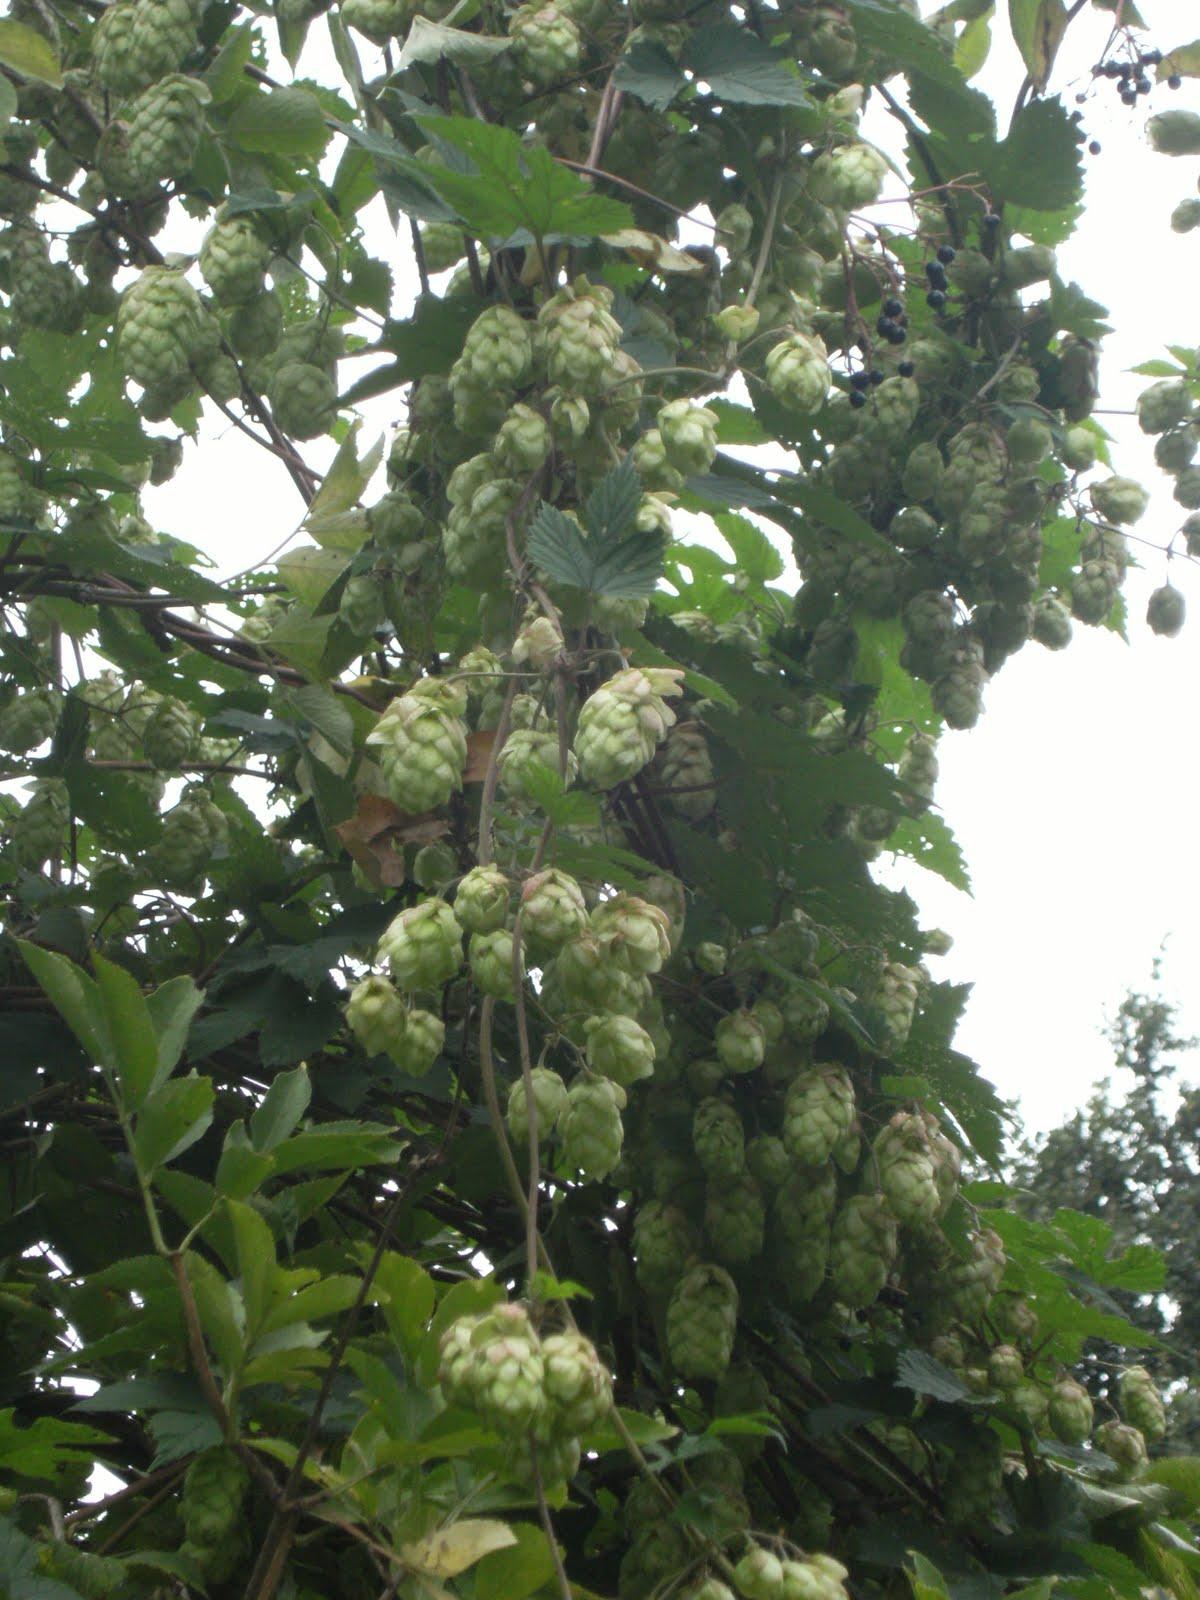 DSCF9429 Hops in the hedgerow